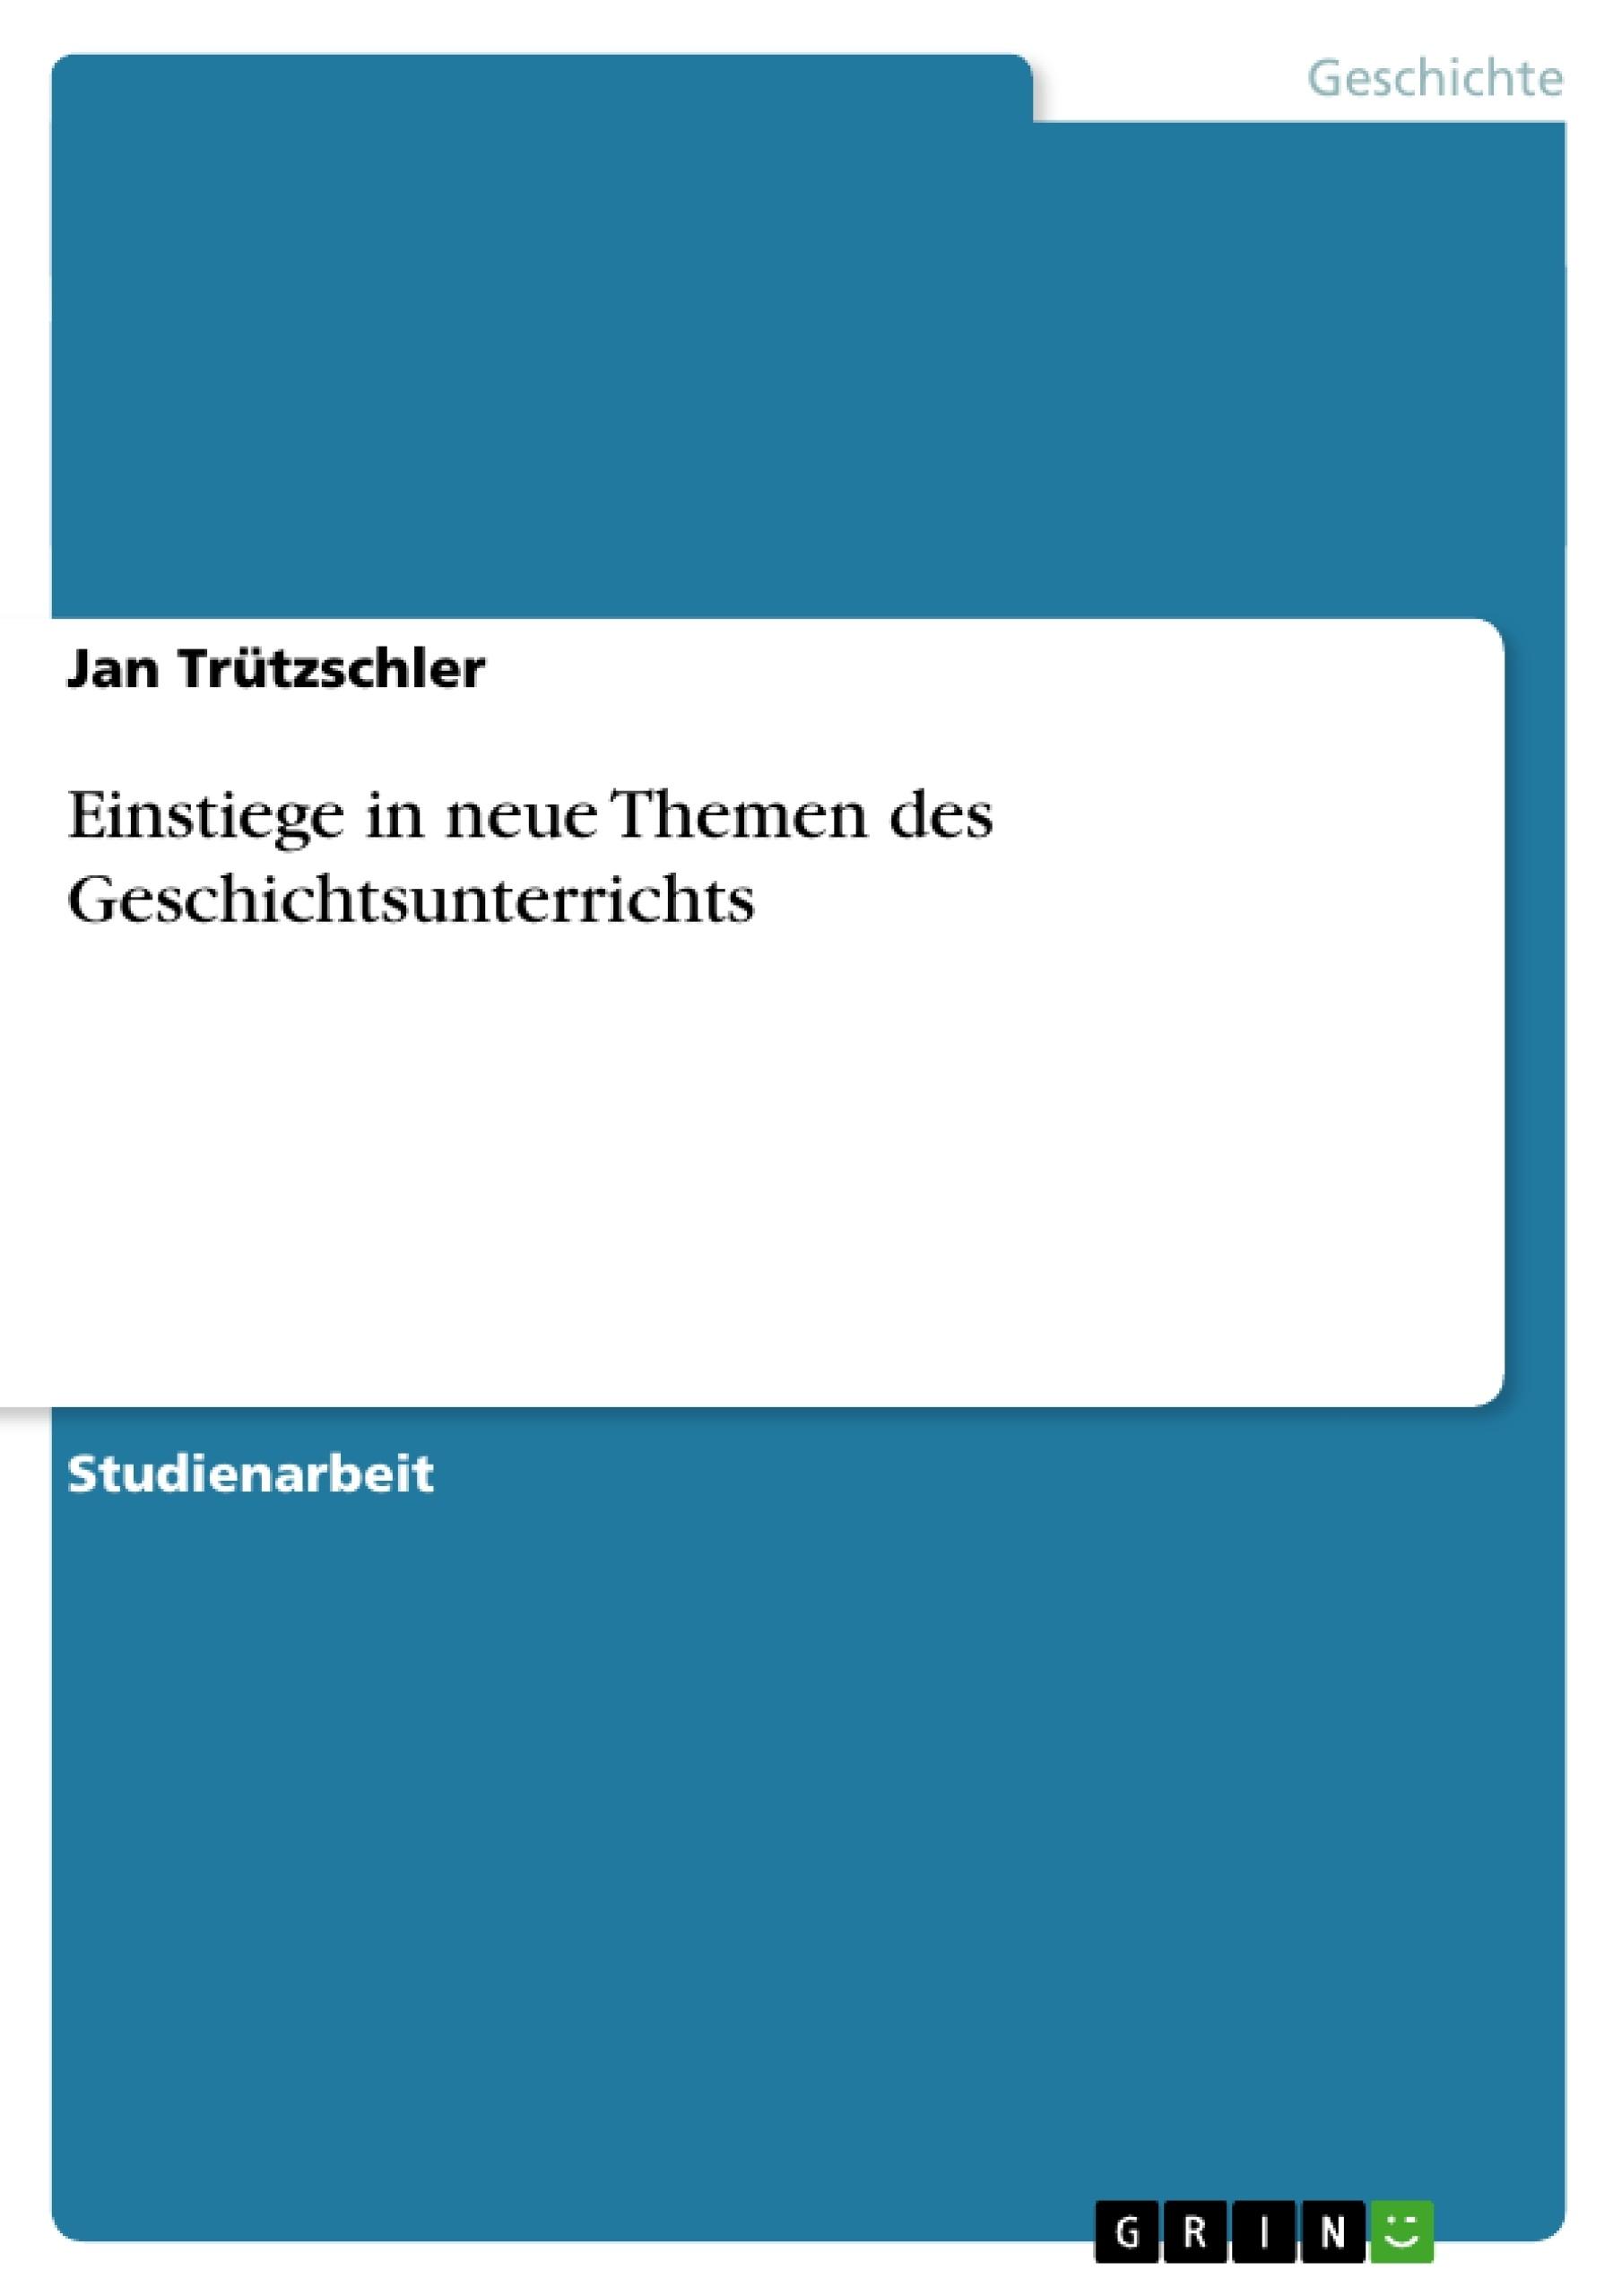 Titel: Einstiege in neue Themen des Geschichtsunterrichts